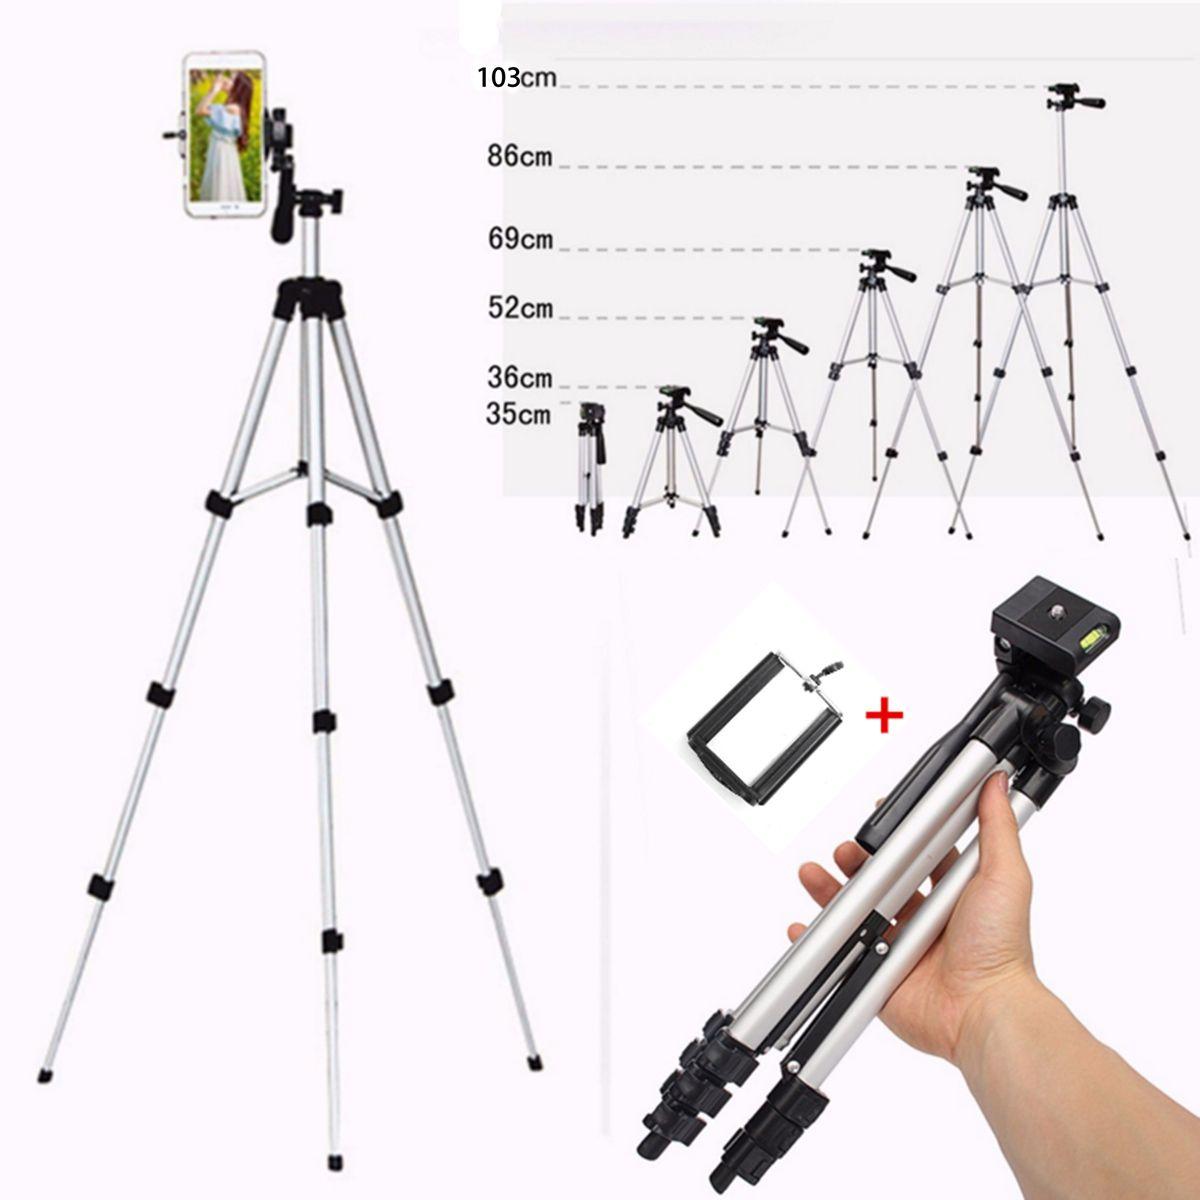 Clip extensible de support de support de trépied d'appareil-photo numérique de téléphone intelligent Mobile réglé pour Nikon pour le Canon pour l'iphone 6 6s 7